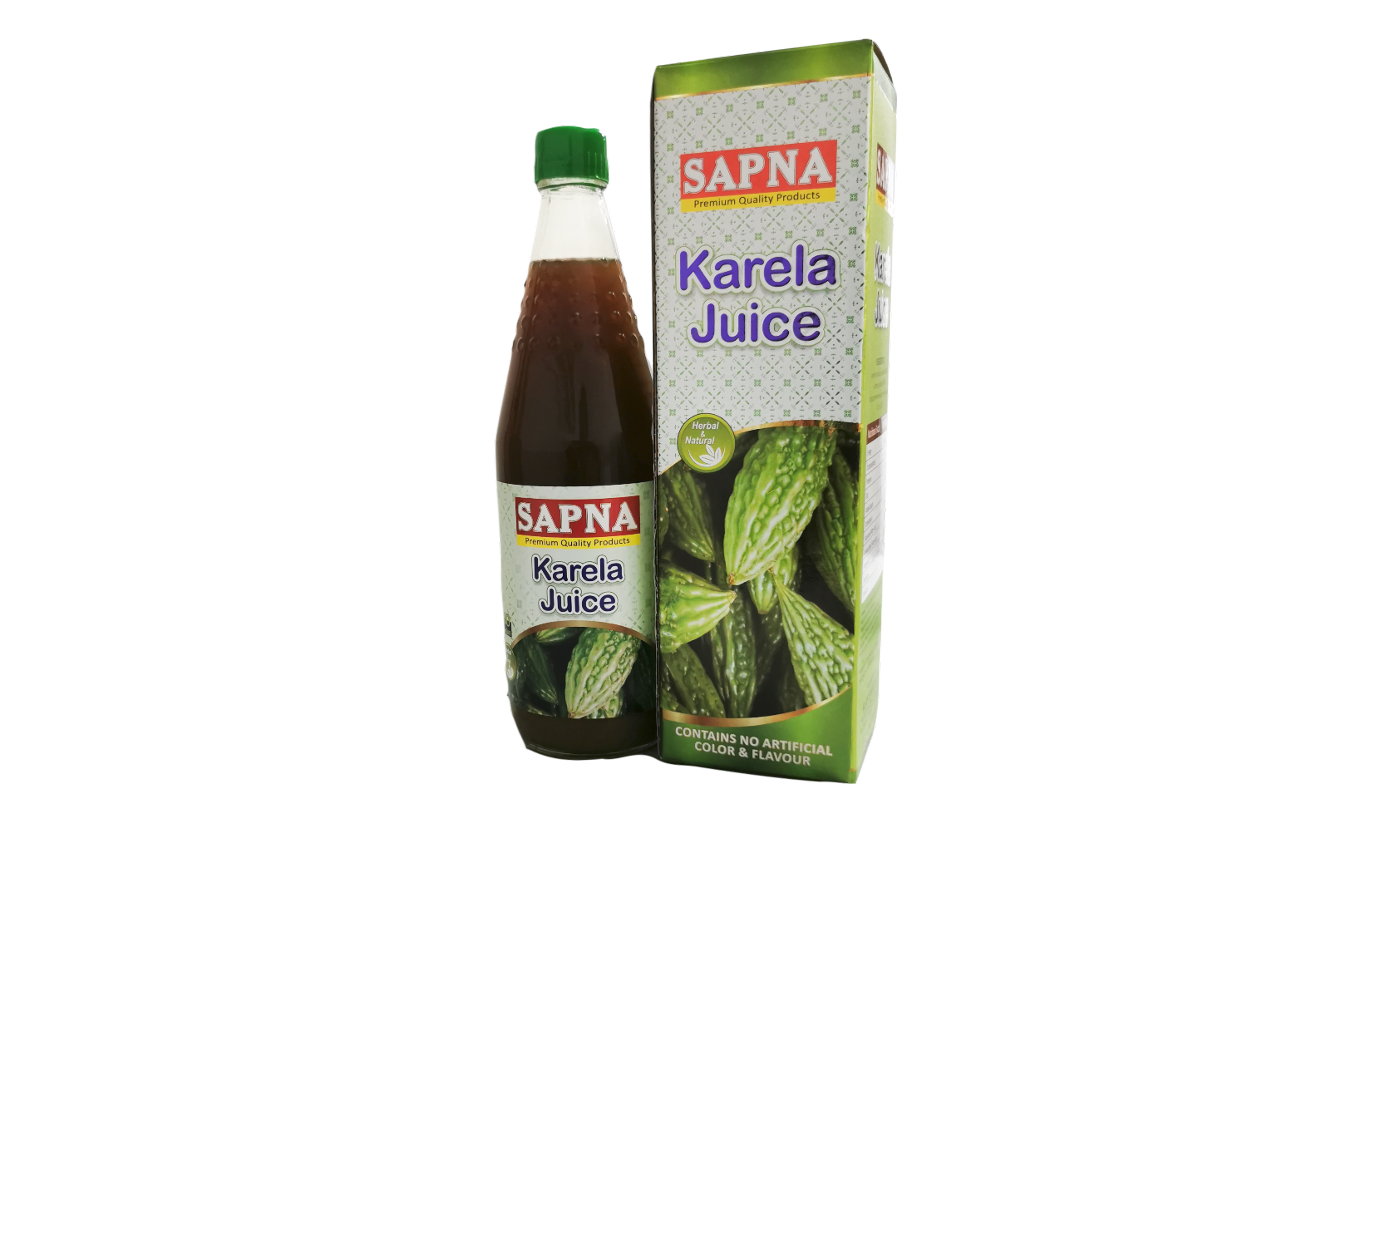 Sapna Karela Juice